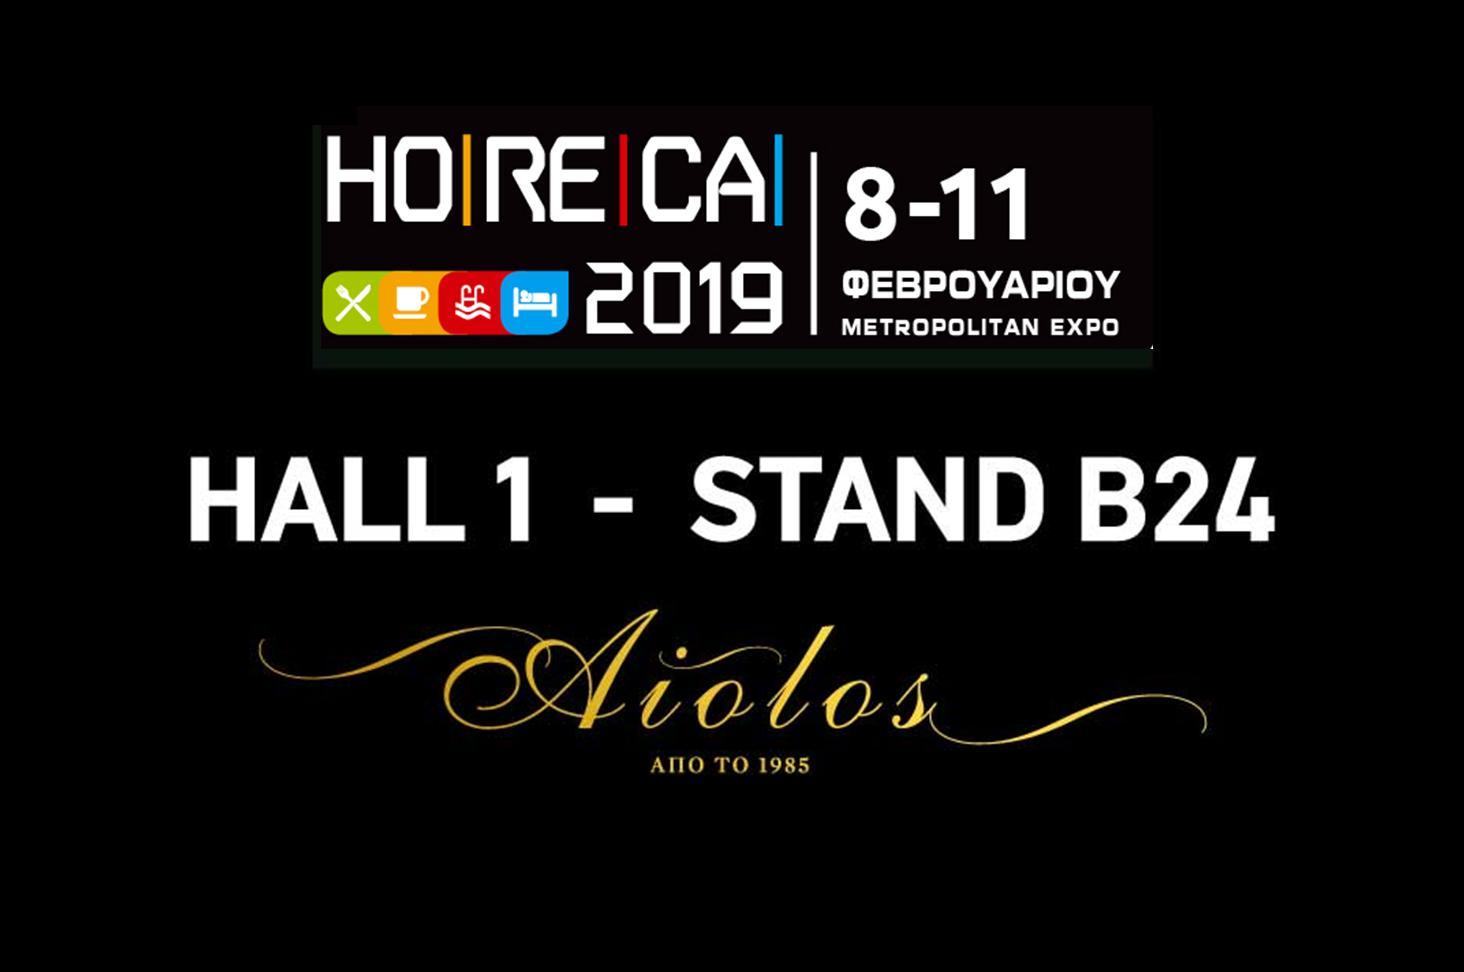 Η Aiolos στην HORECA 2019